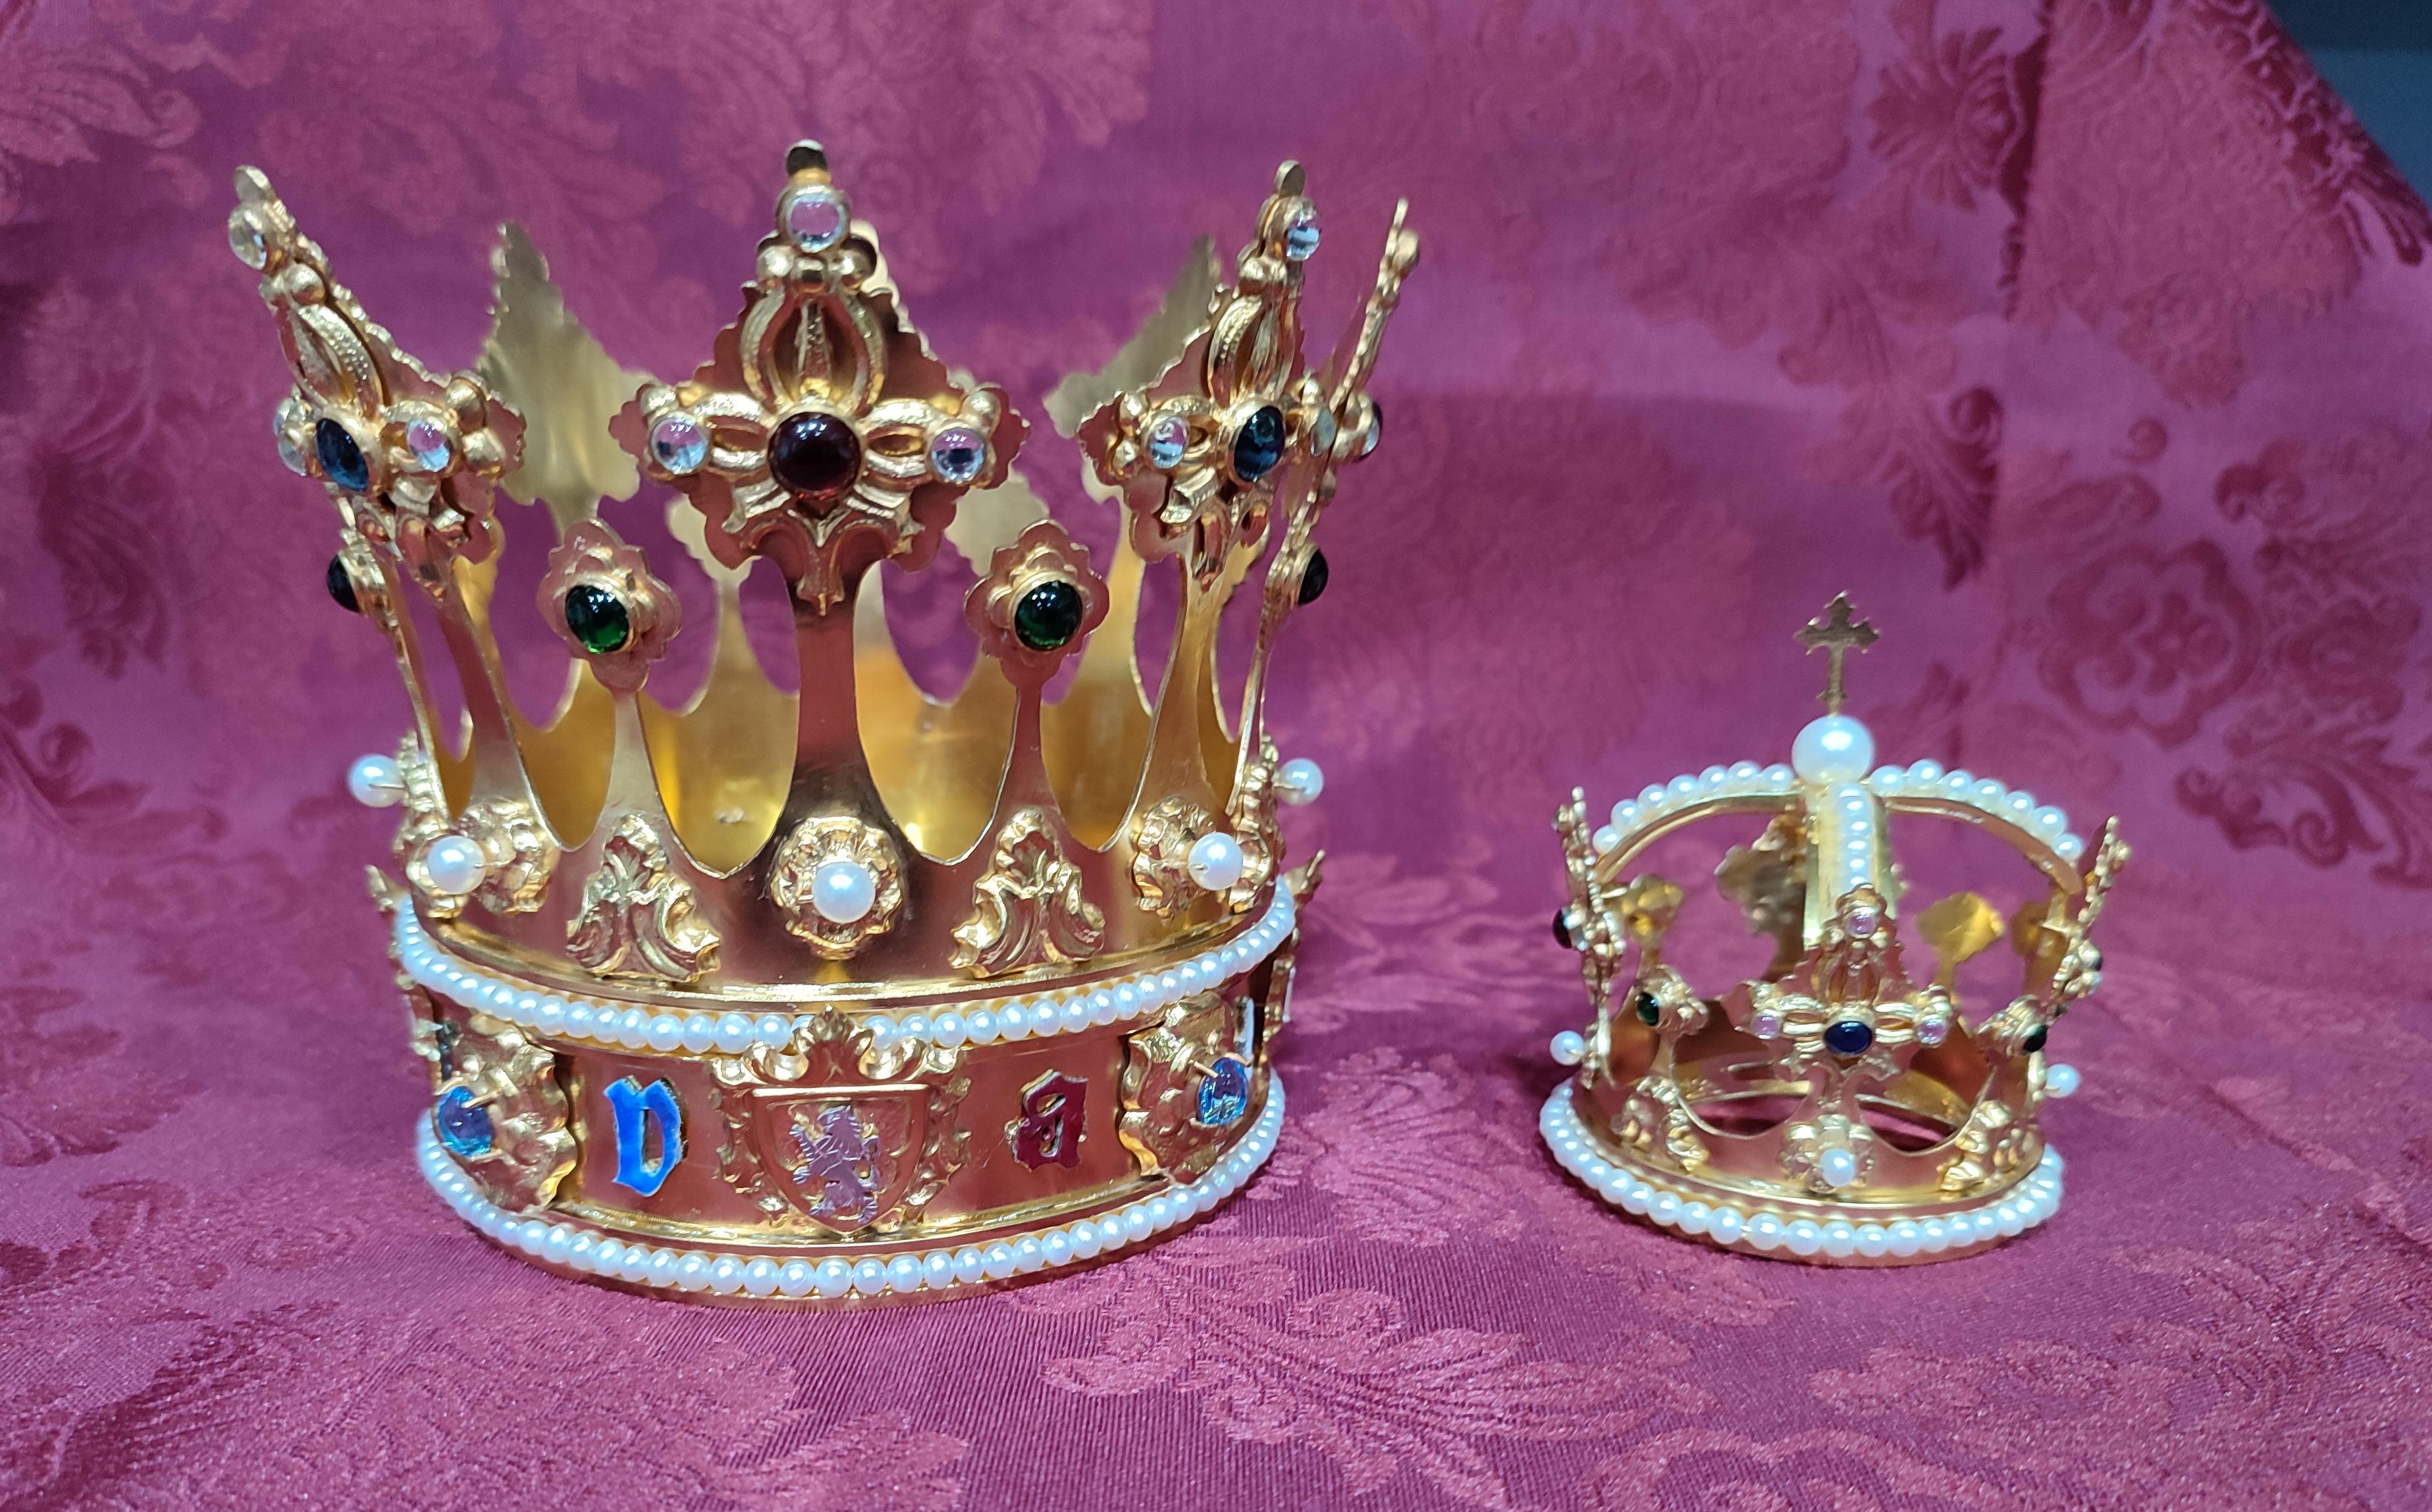 Nuevas coronas para la Virgen de Valme, realizadas y donadas por el orfebre nazareno Juan Lozano Navarro